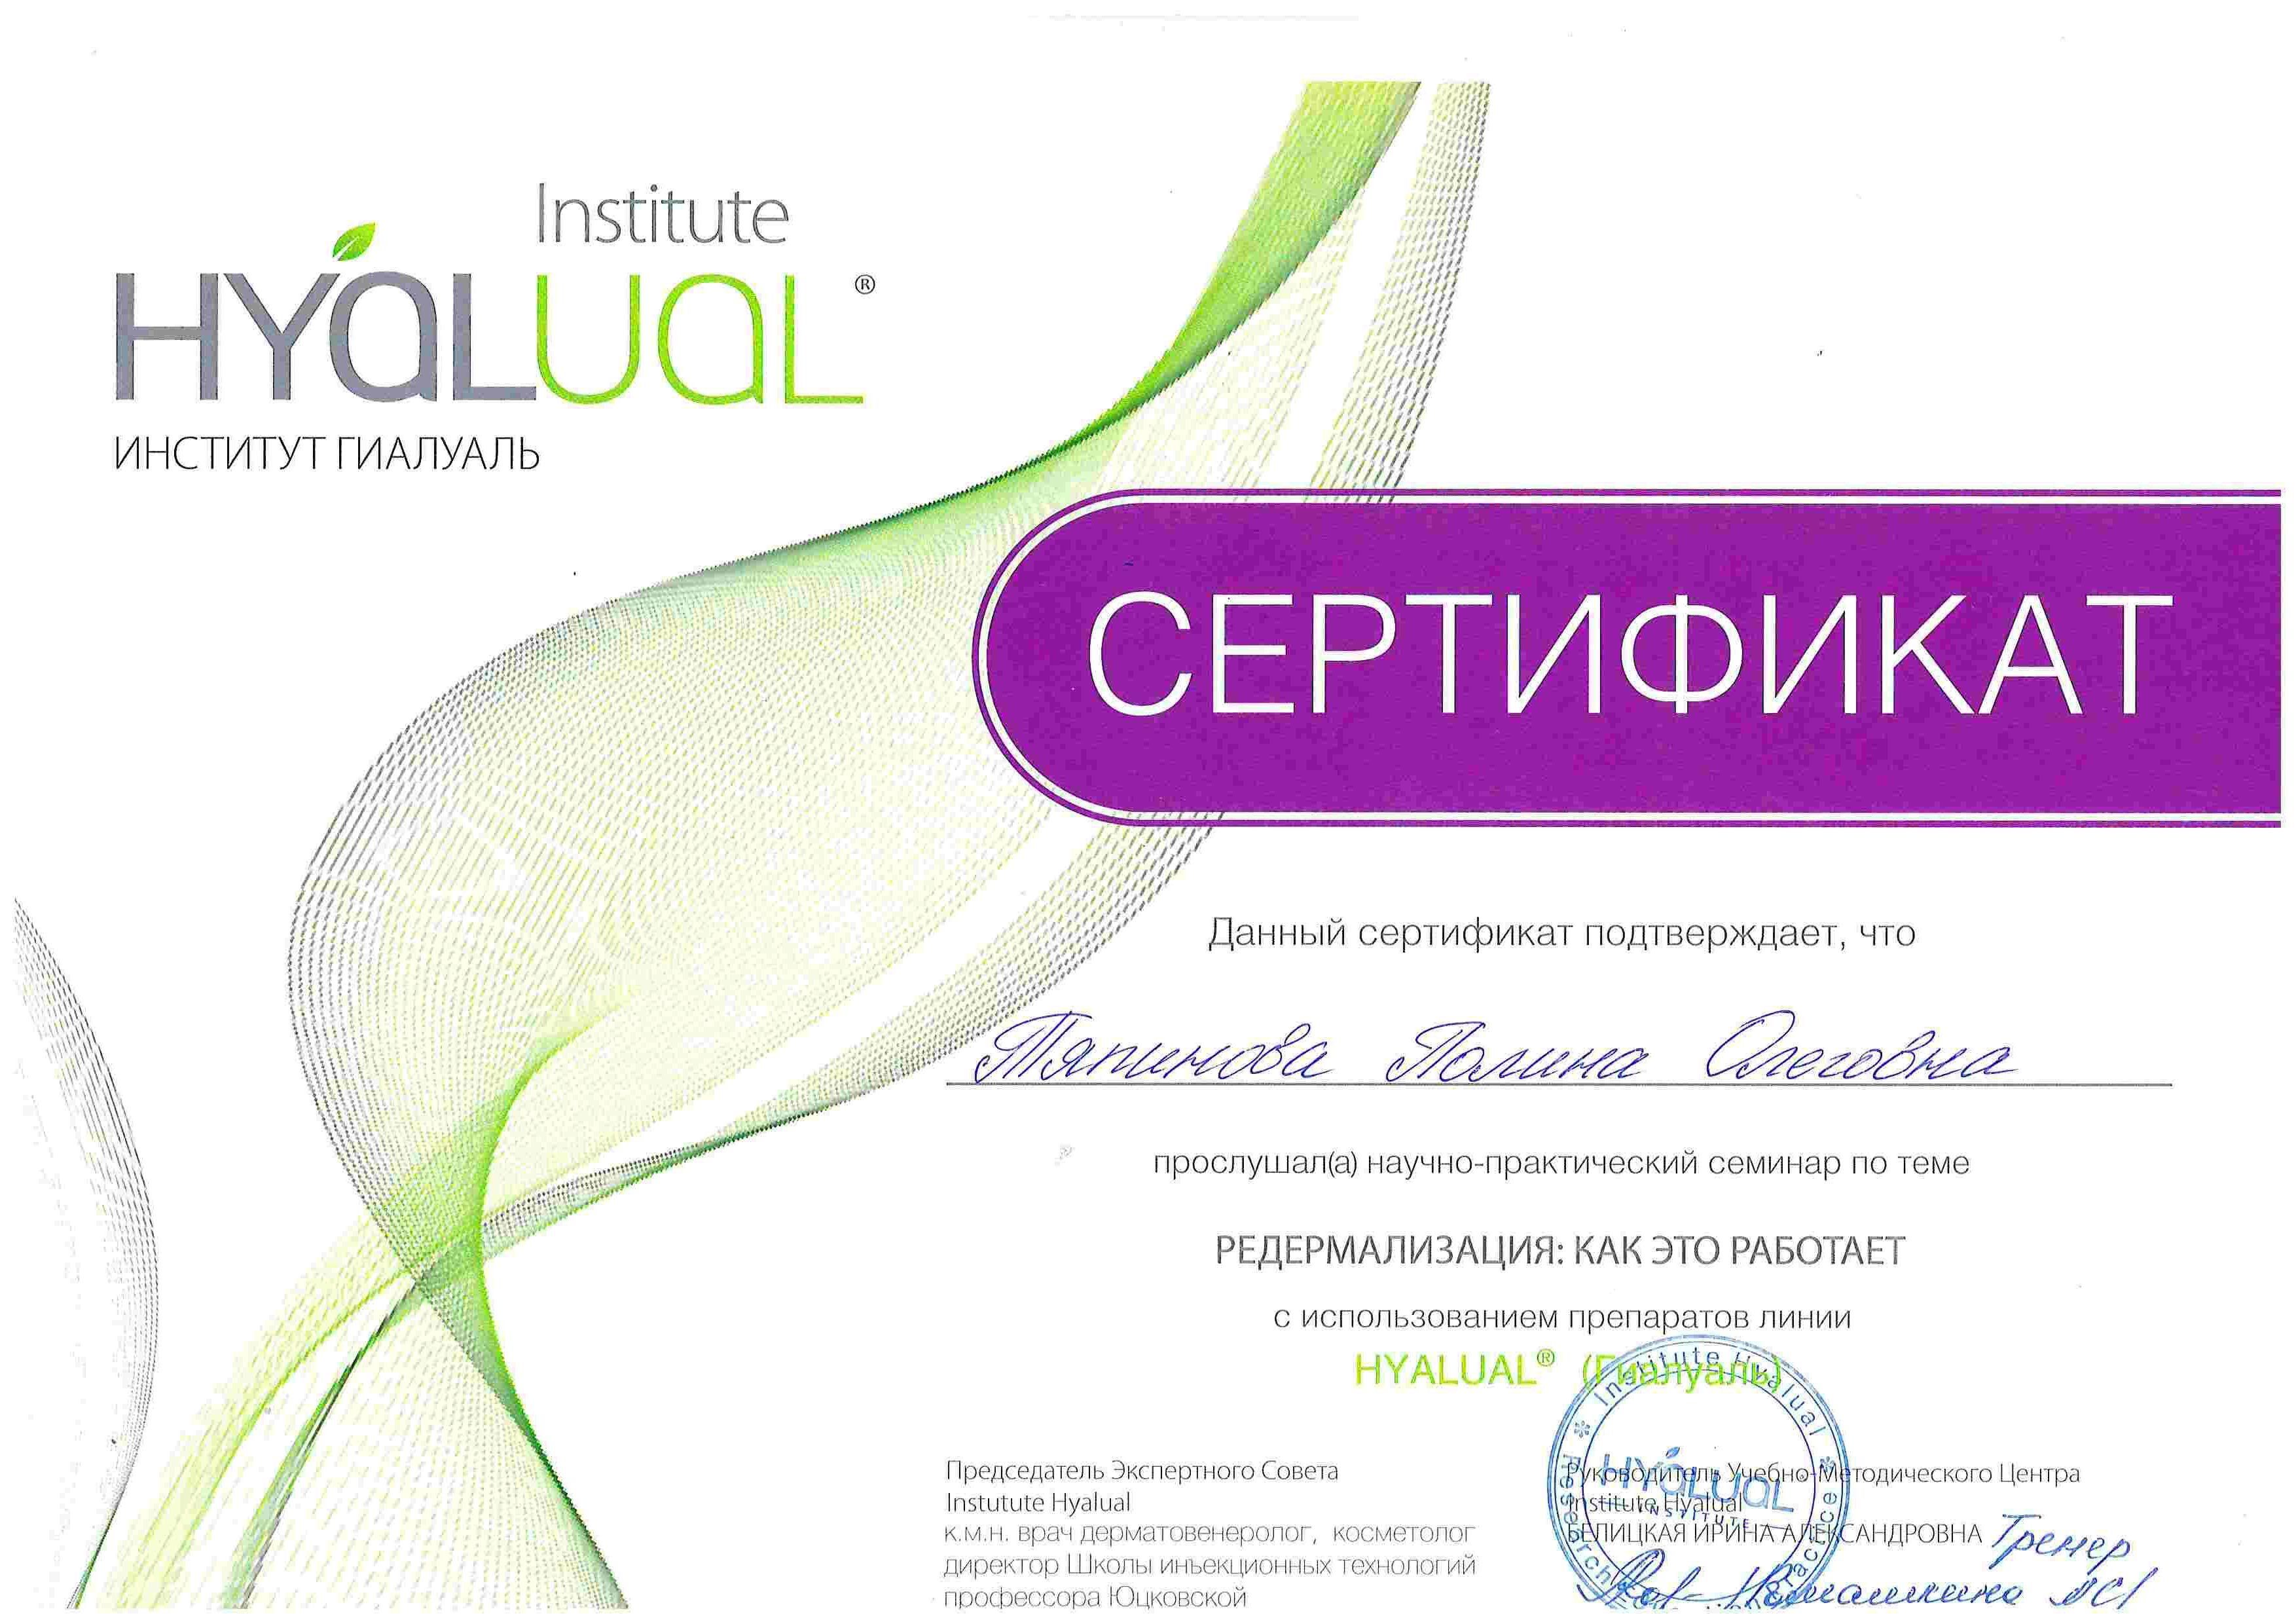 Сертификат Соловьева 6